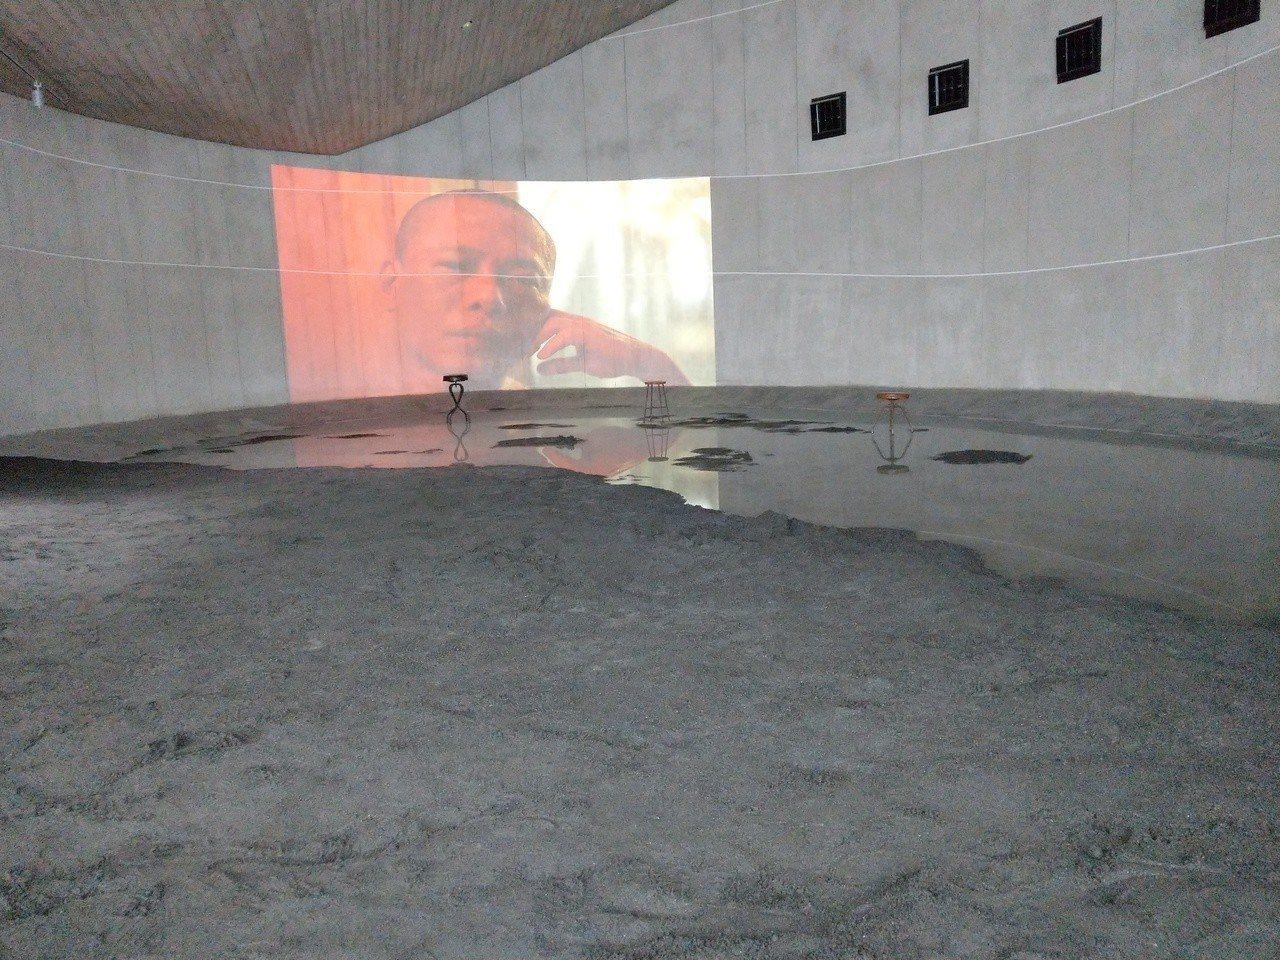 沙丘館室內沙灘的《行者.蔡明亮》影像,神祕幽靜。 記者戴永華/攝影